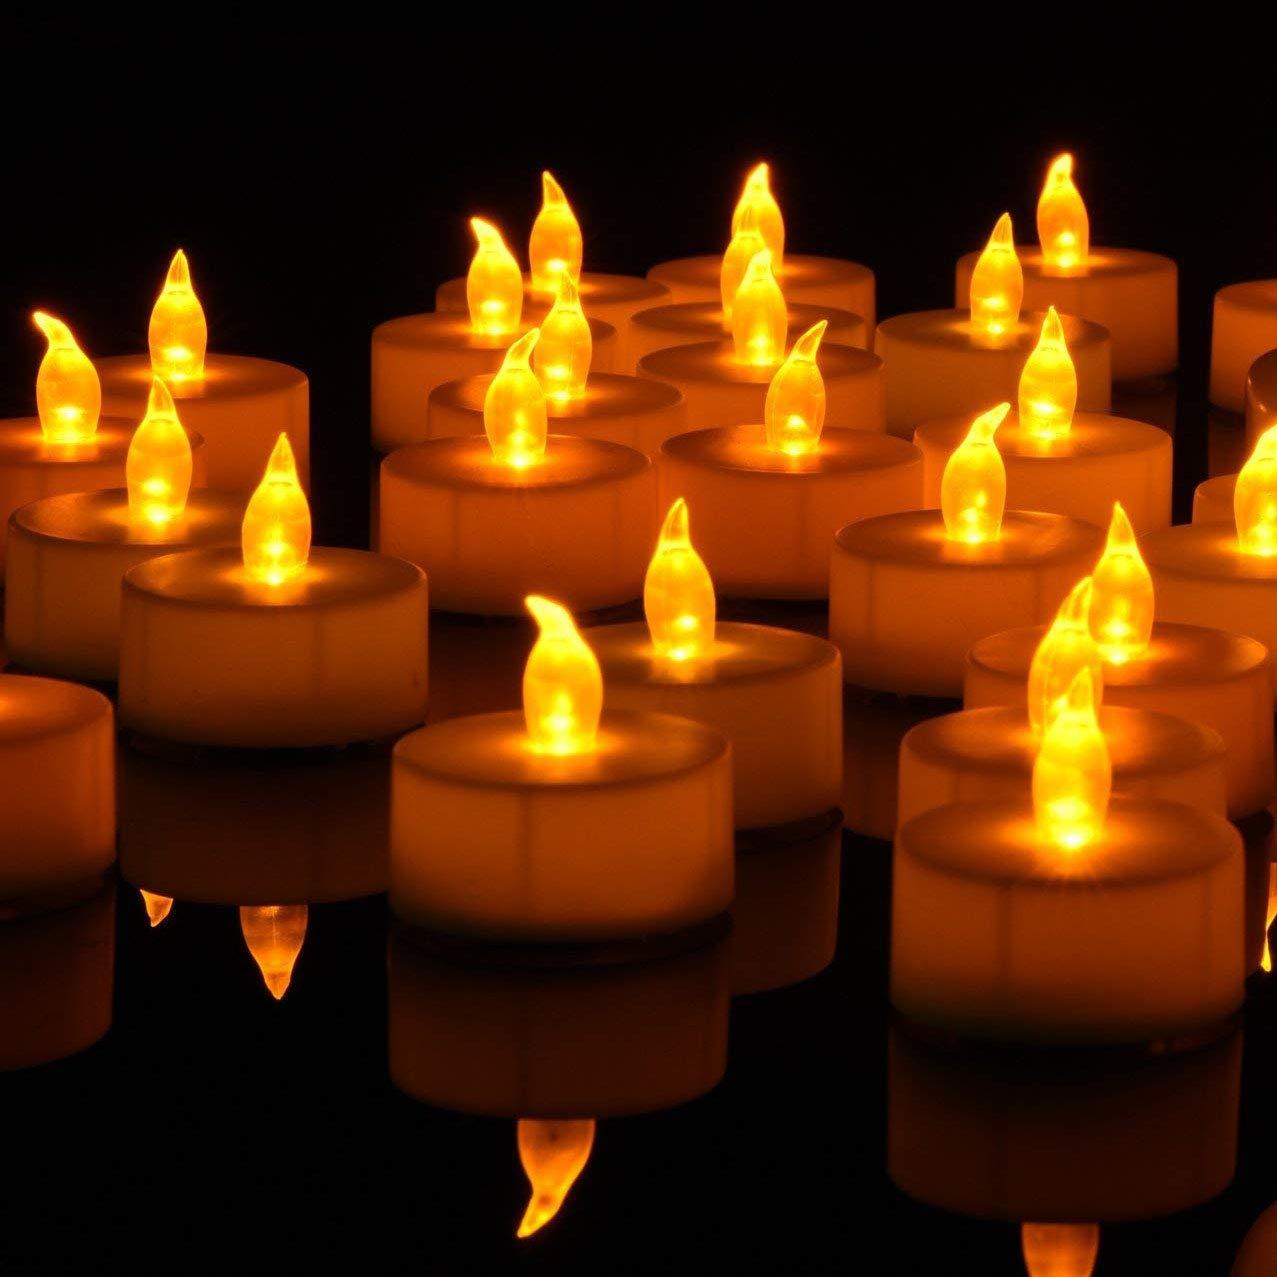 Lot de 36 bougies LED Bougies CR2032 piles Bougies Unscented Bougie chauffe-plat sans flamme claire vacillante gef/älschte Bougie pour la maison d/écorations de No/ël Mariage